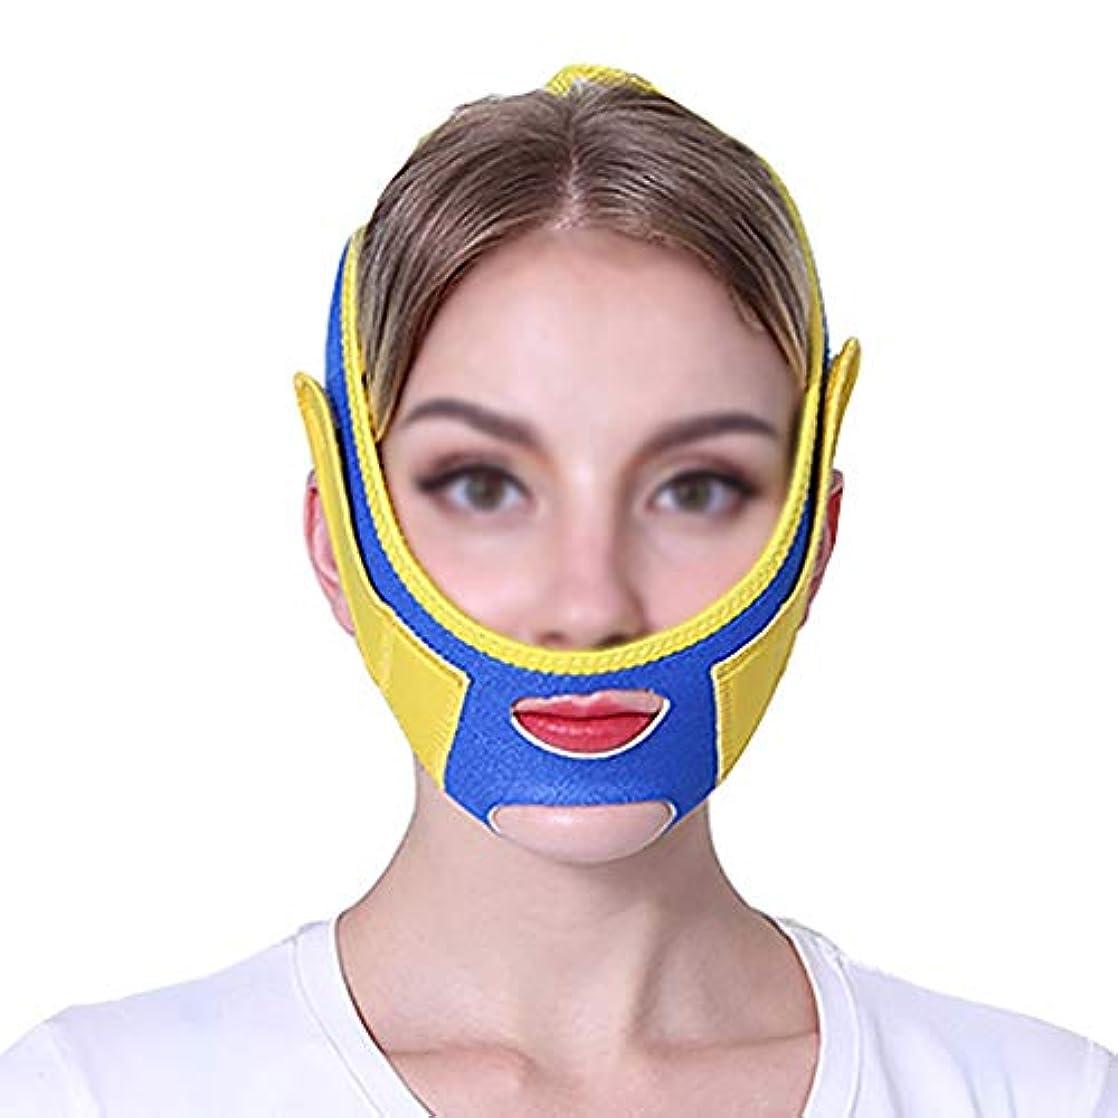 聖歌資金さらにTLMY ファーミングマスクスモールvフェイスアーティファクトリフティングマスクフェイスリフティングフェイスリフティングマスクファーミングクリームフェイシャルリフティング包帯 顔用整形マスク